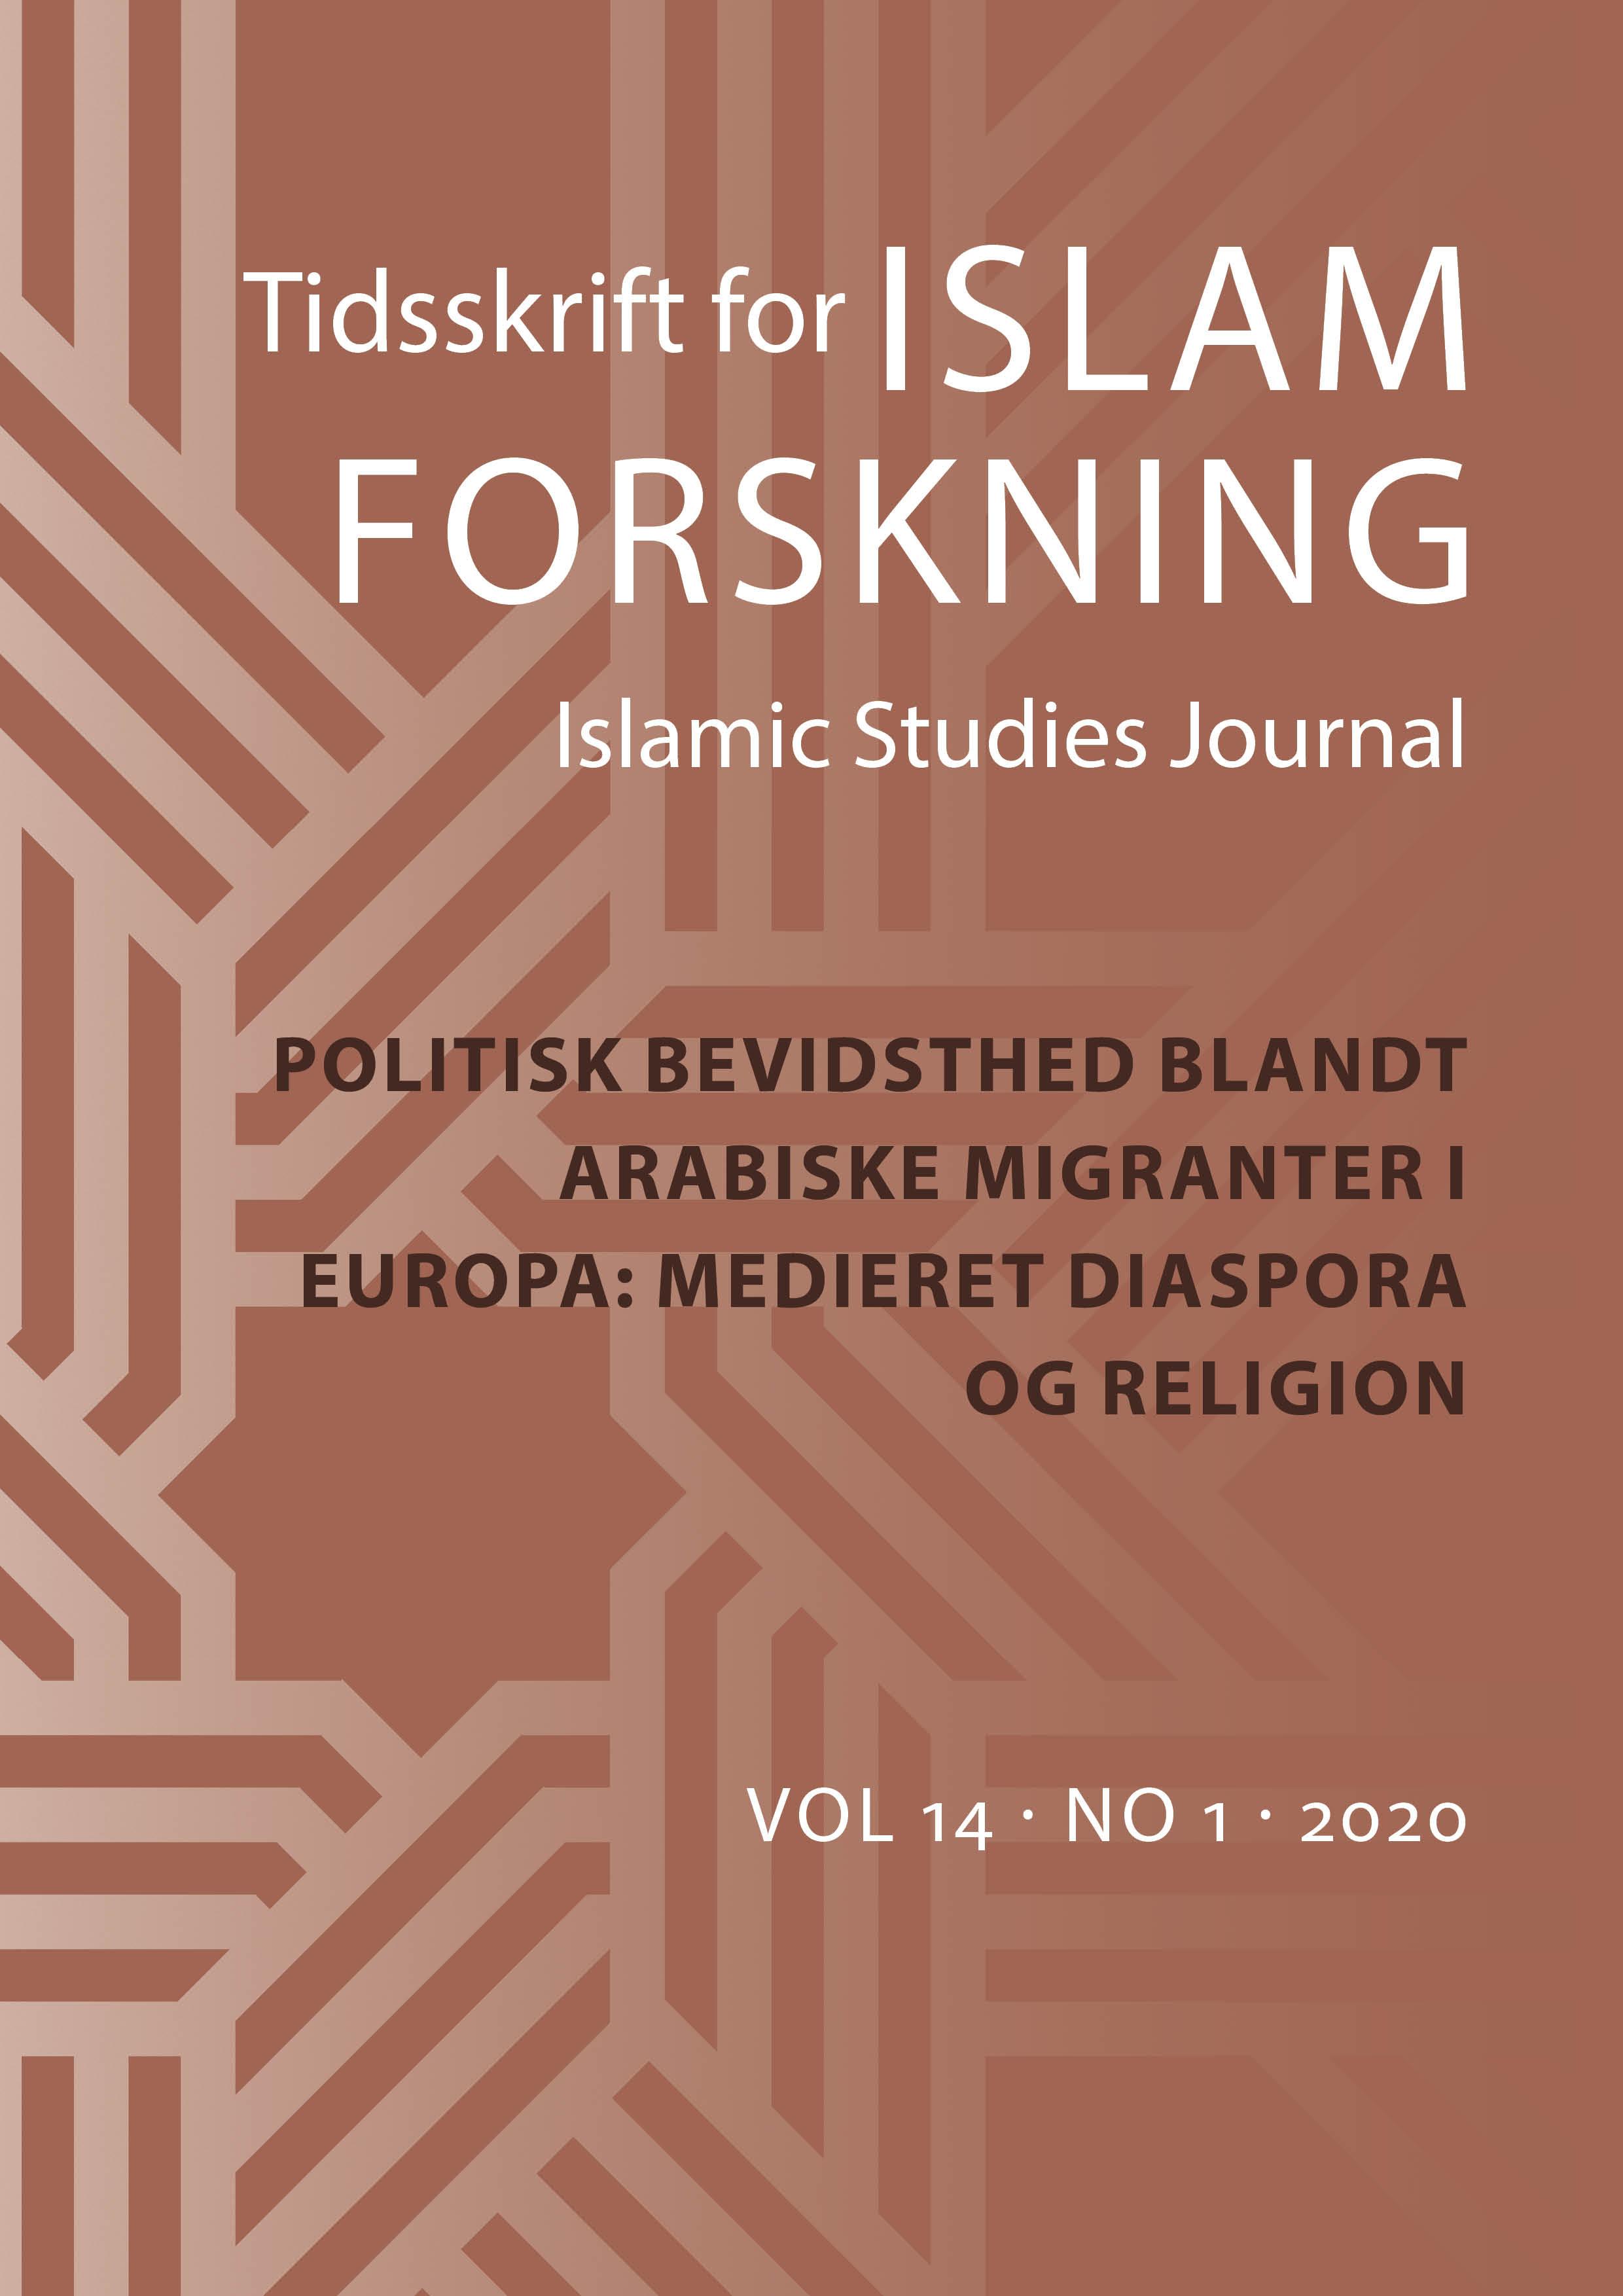 Se Årg. 14 Nr. 1 (2020): Politisk bevidsthed blandt arabiske migranter i Europa: Medieret diaspora og religion